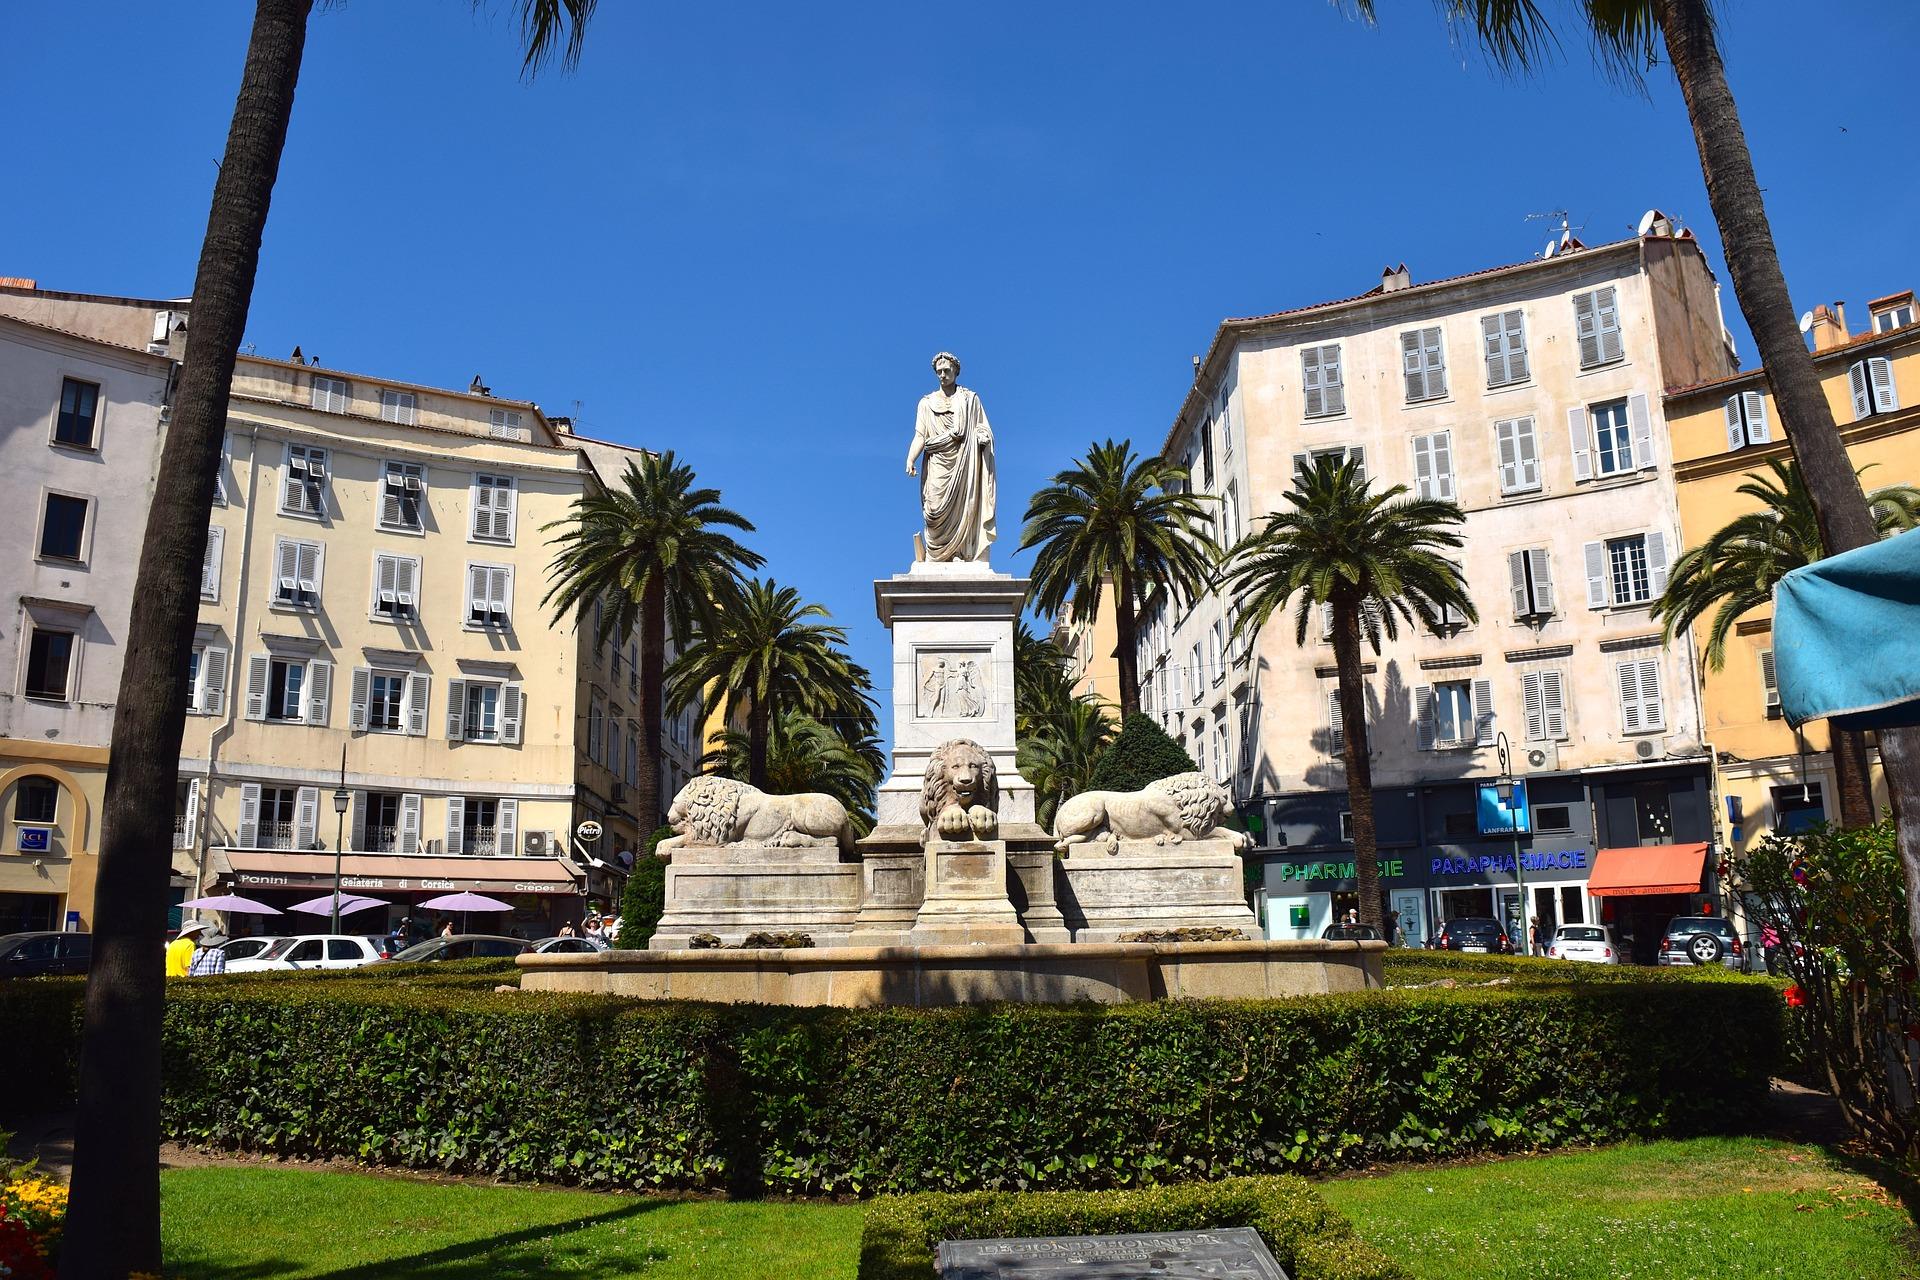 Ajaccio monument, Corsica, France